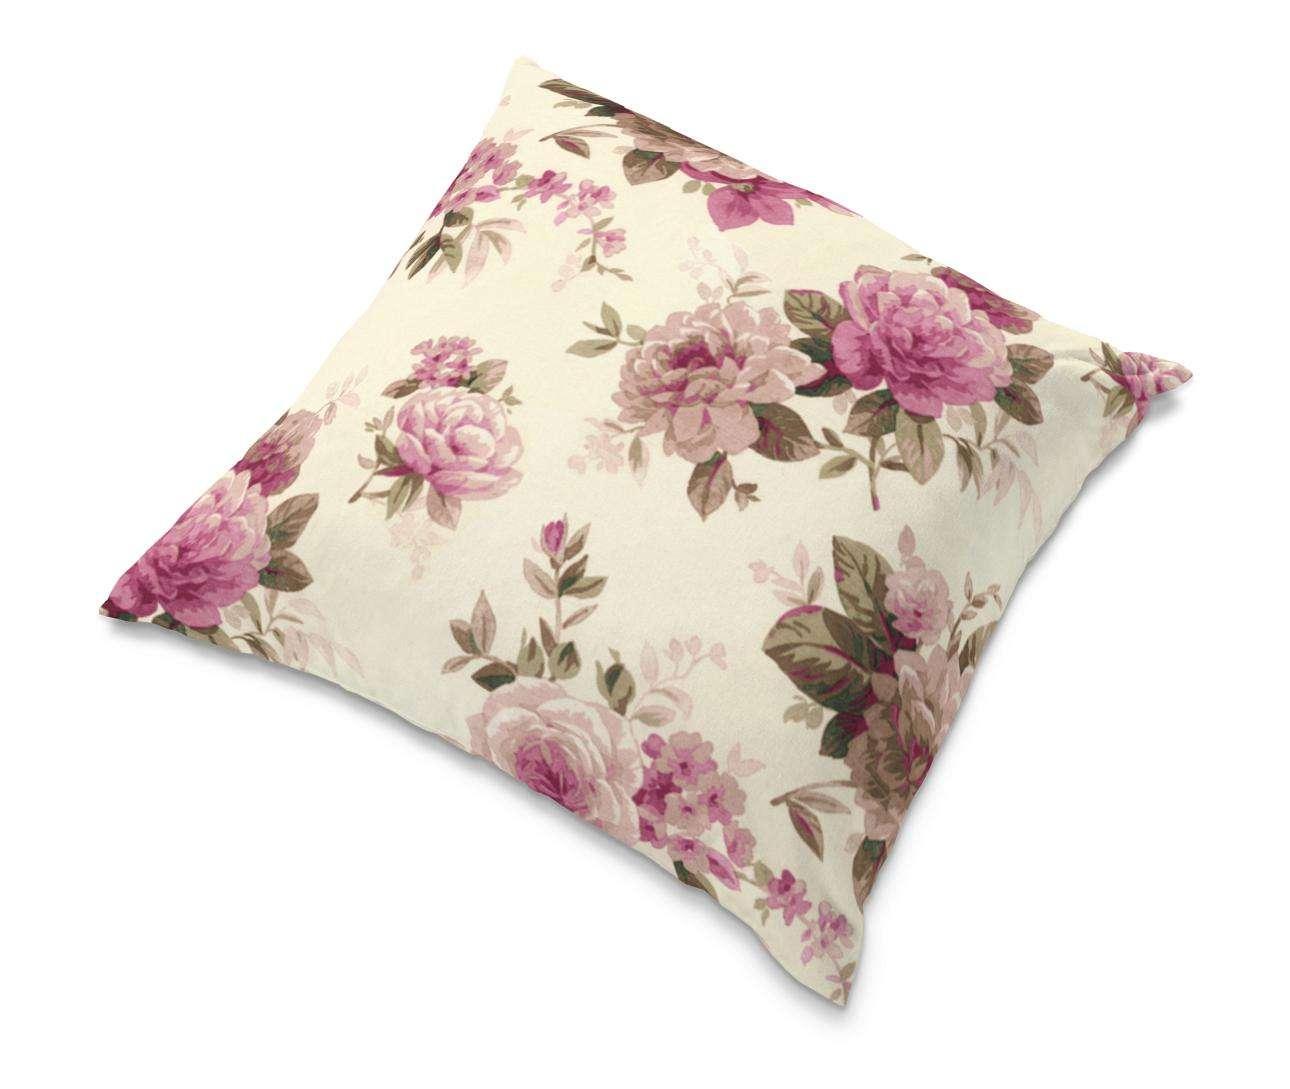 Tomelilla cushion cover 55 x 55 cm (22 x 22 inch) in collection Mirella, fabric: 141-07